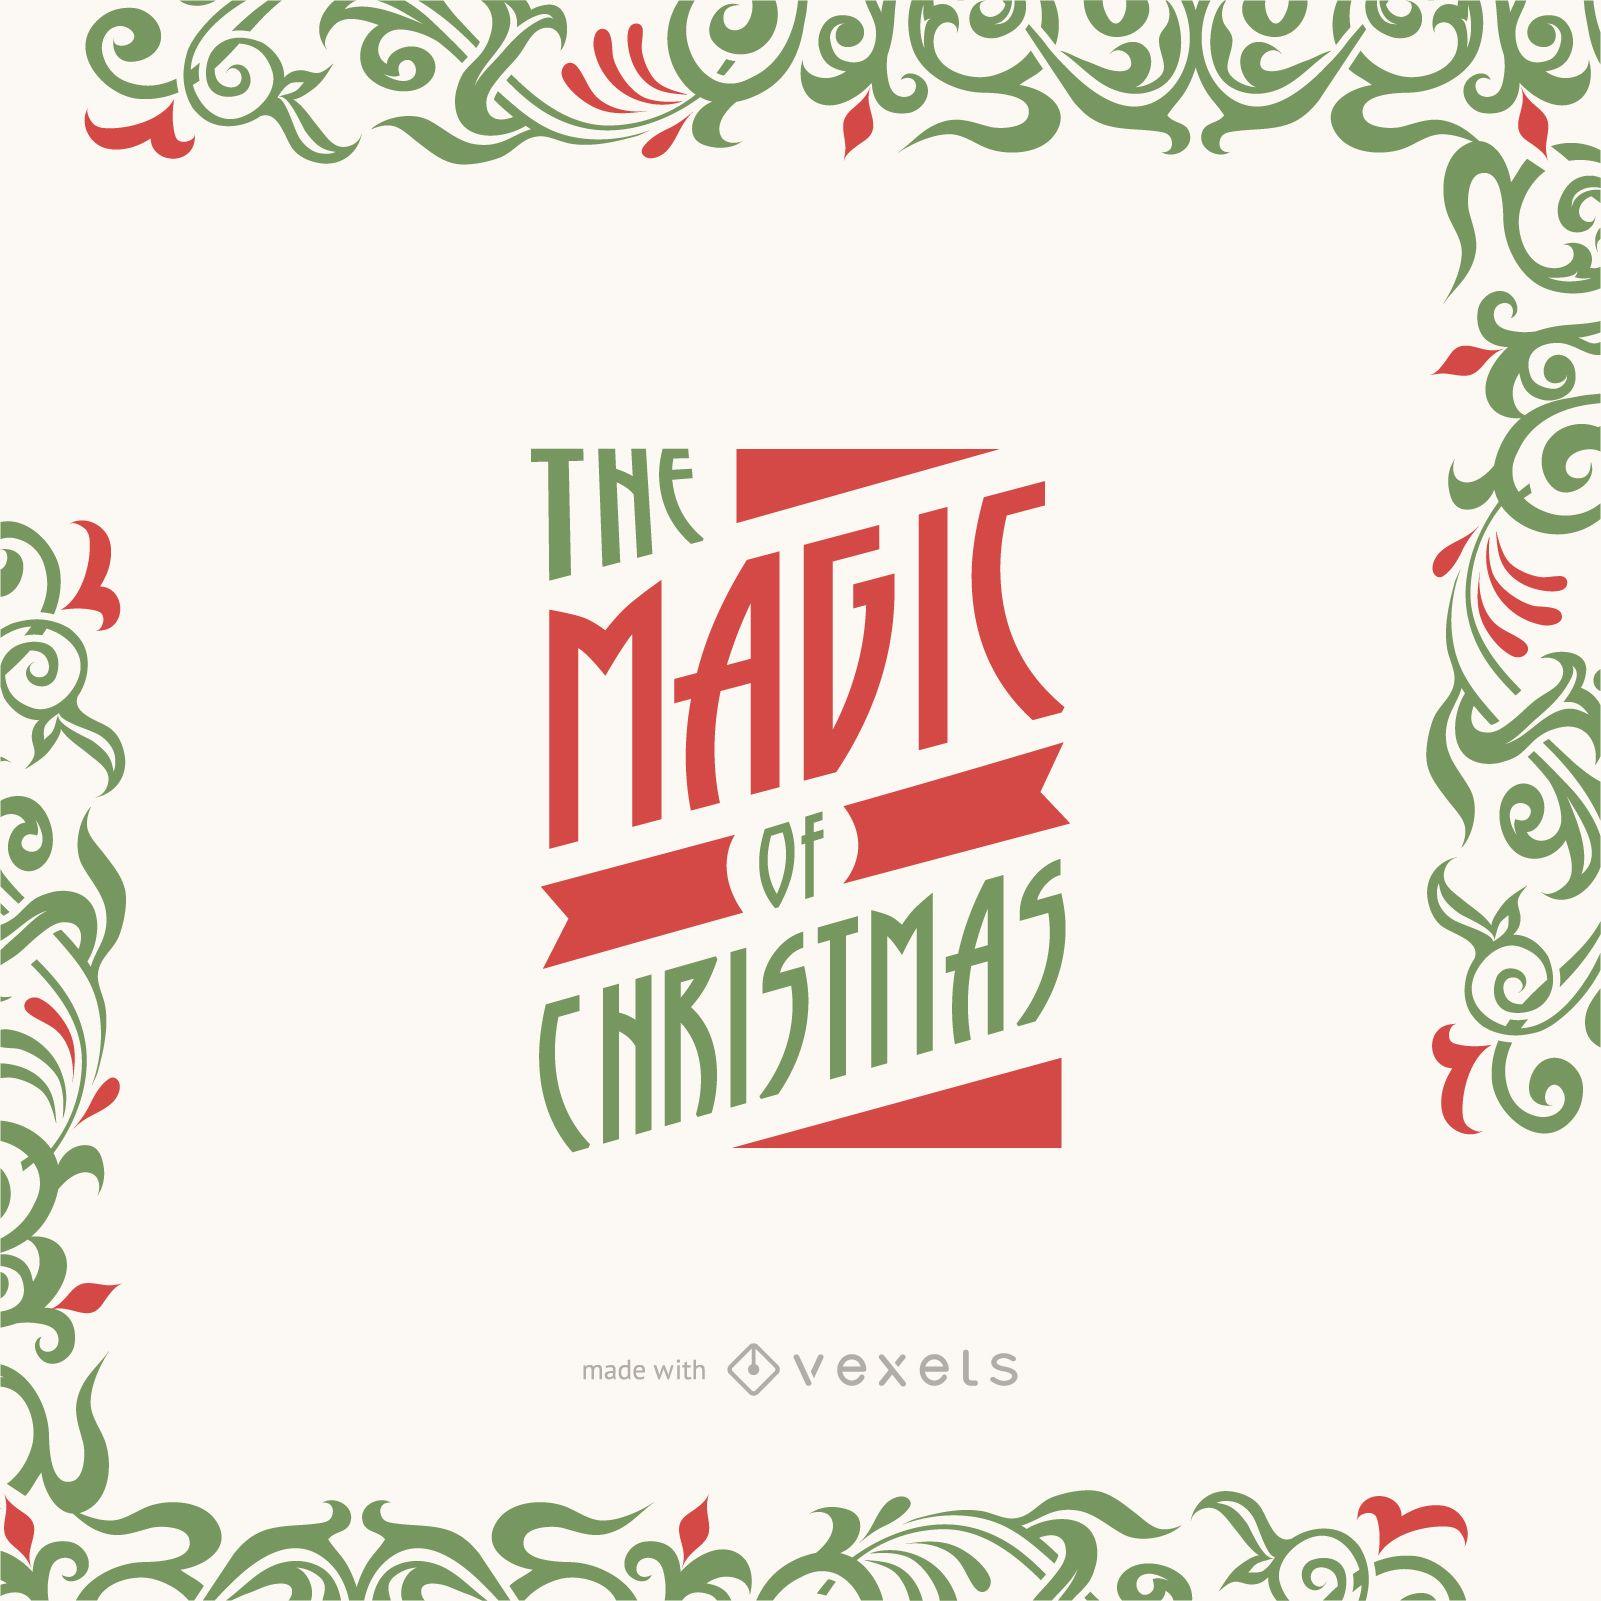 Editable Christmas greeting card maker - Editable design